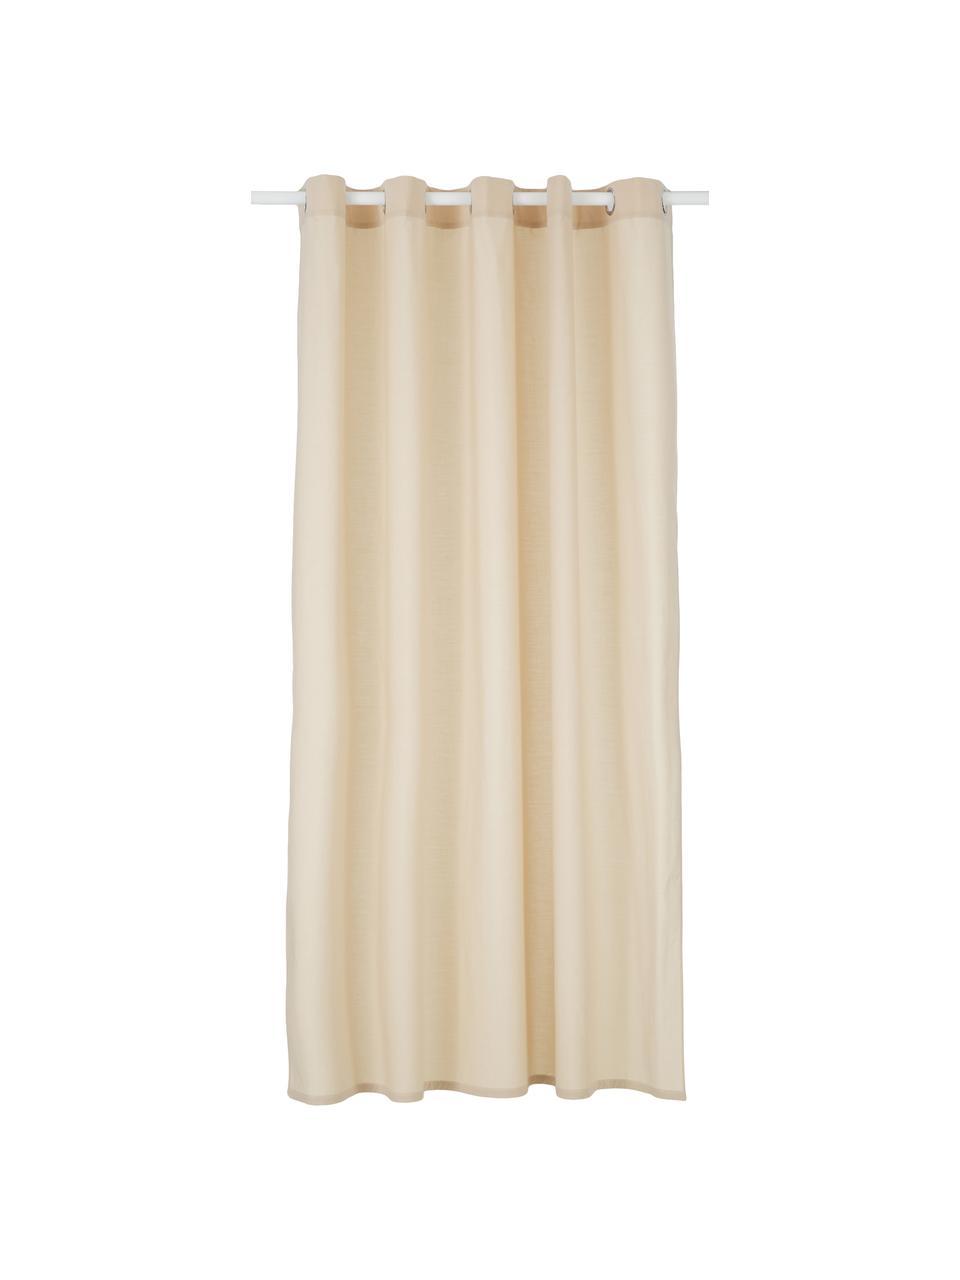 Rideau de douche en coton mélangé Coloris, Beige